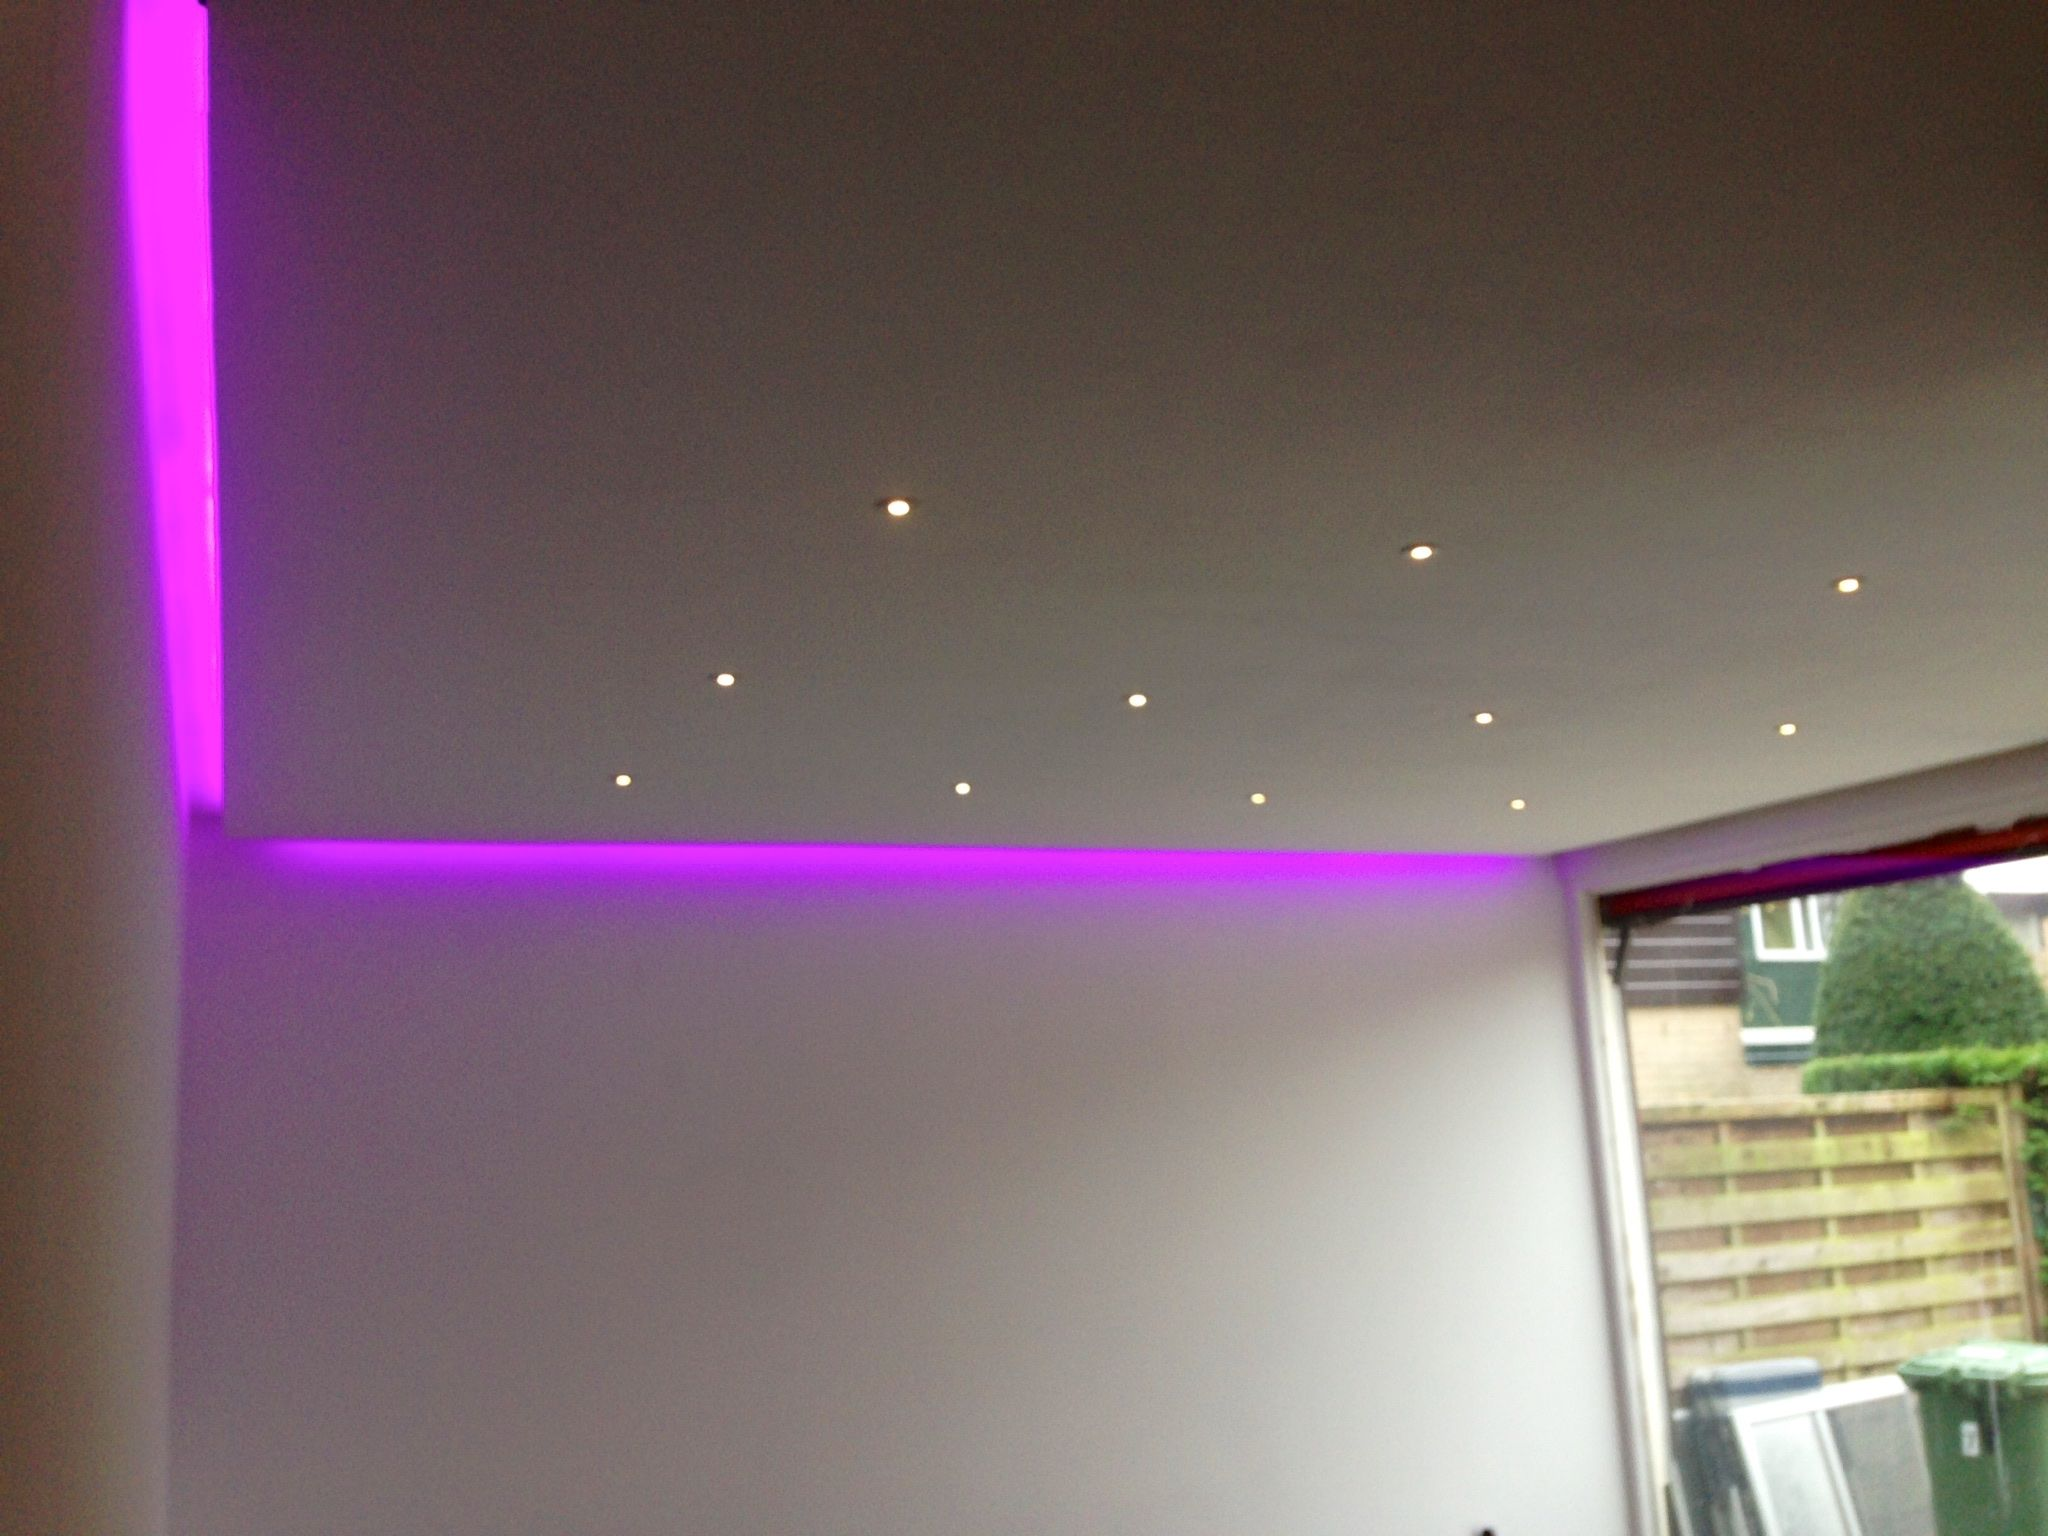 rgbww led strip langs het plafond   project foto's luxar